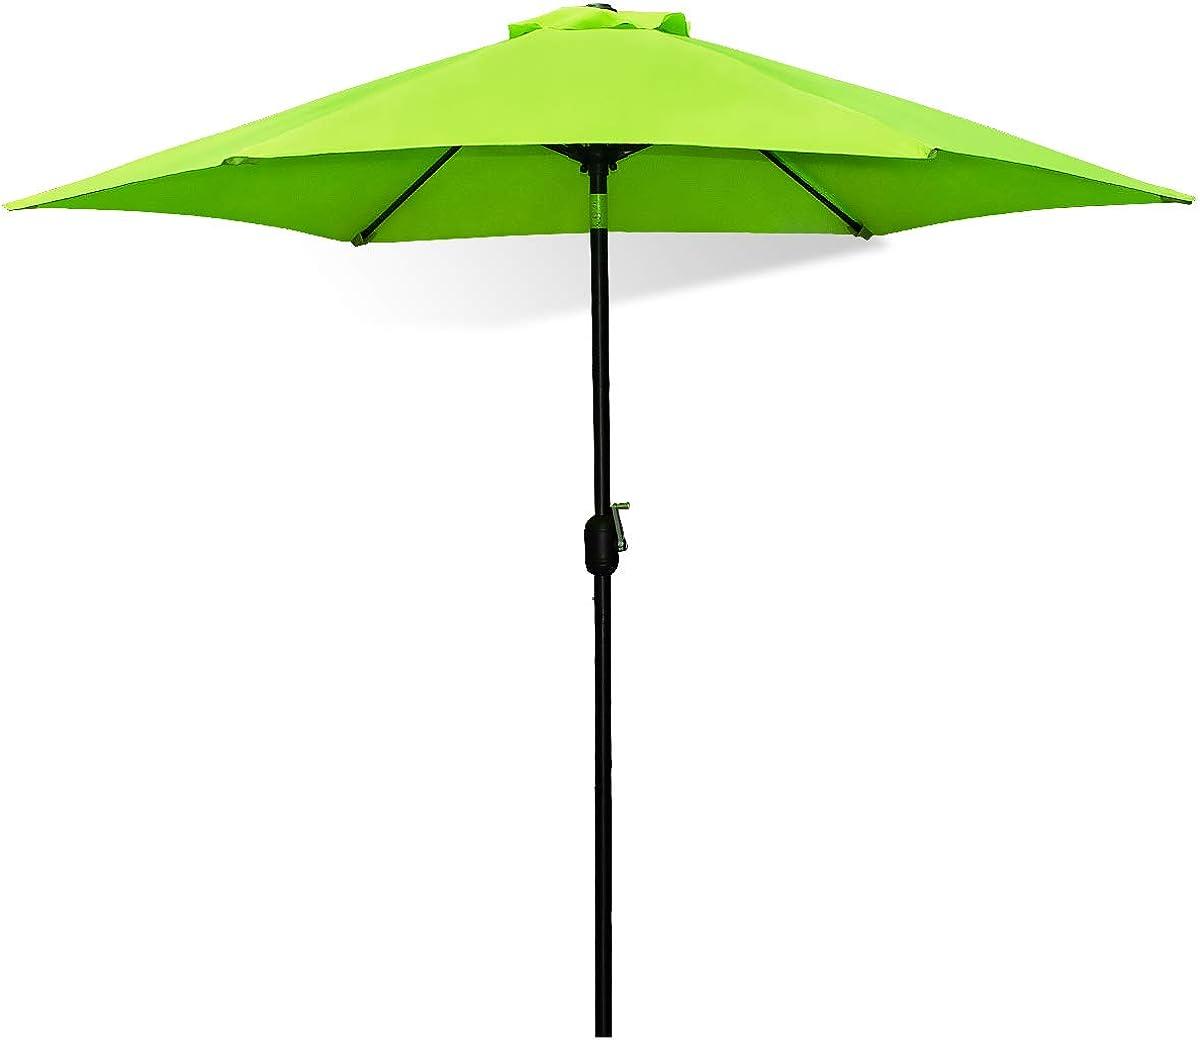 FRUITEAM 7 1/2 FT Patio Umbrella